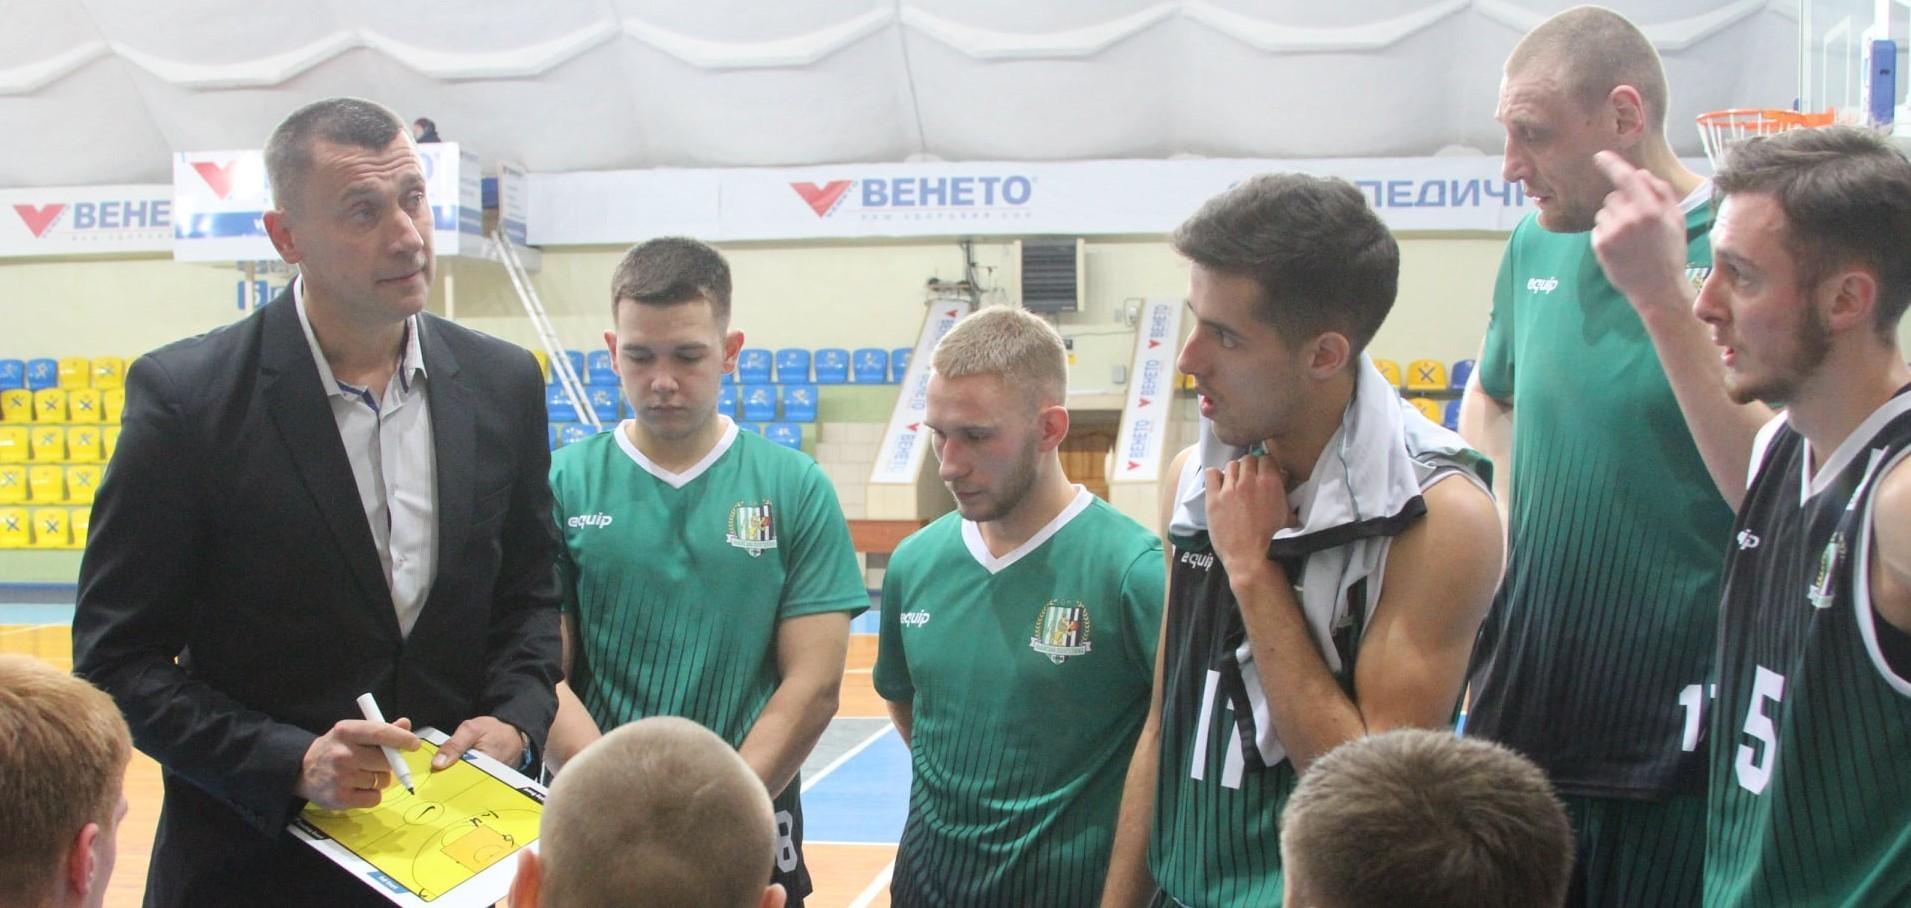 Ярослав Зубрицький: Нам потрібно два-три роки, щоб побудувати у Львові команду, яка зможе перемогти у Вищій лізі